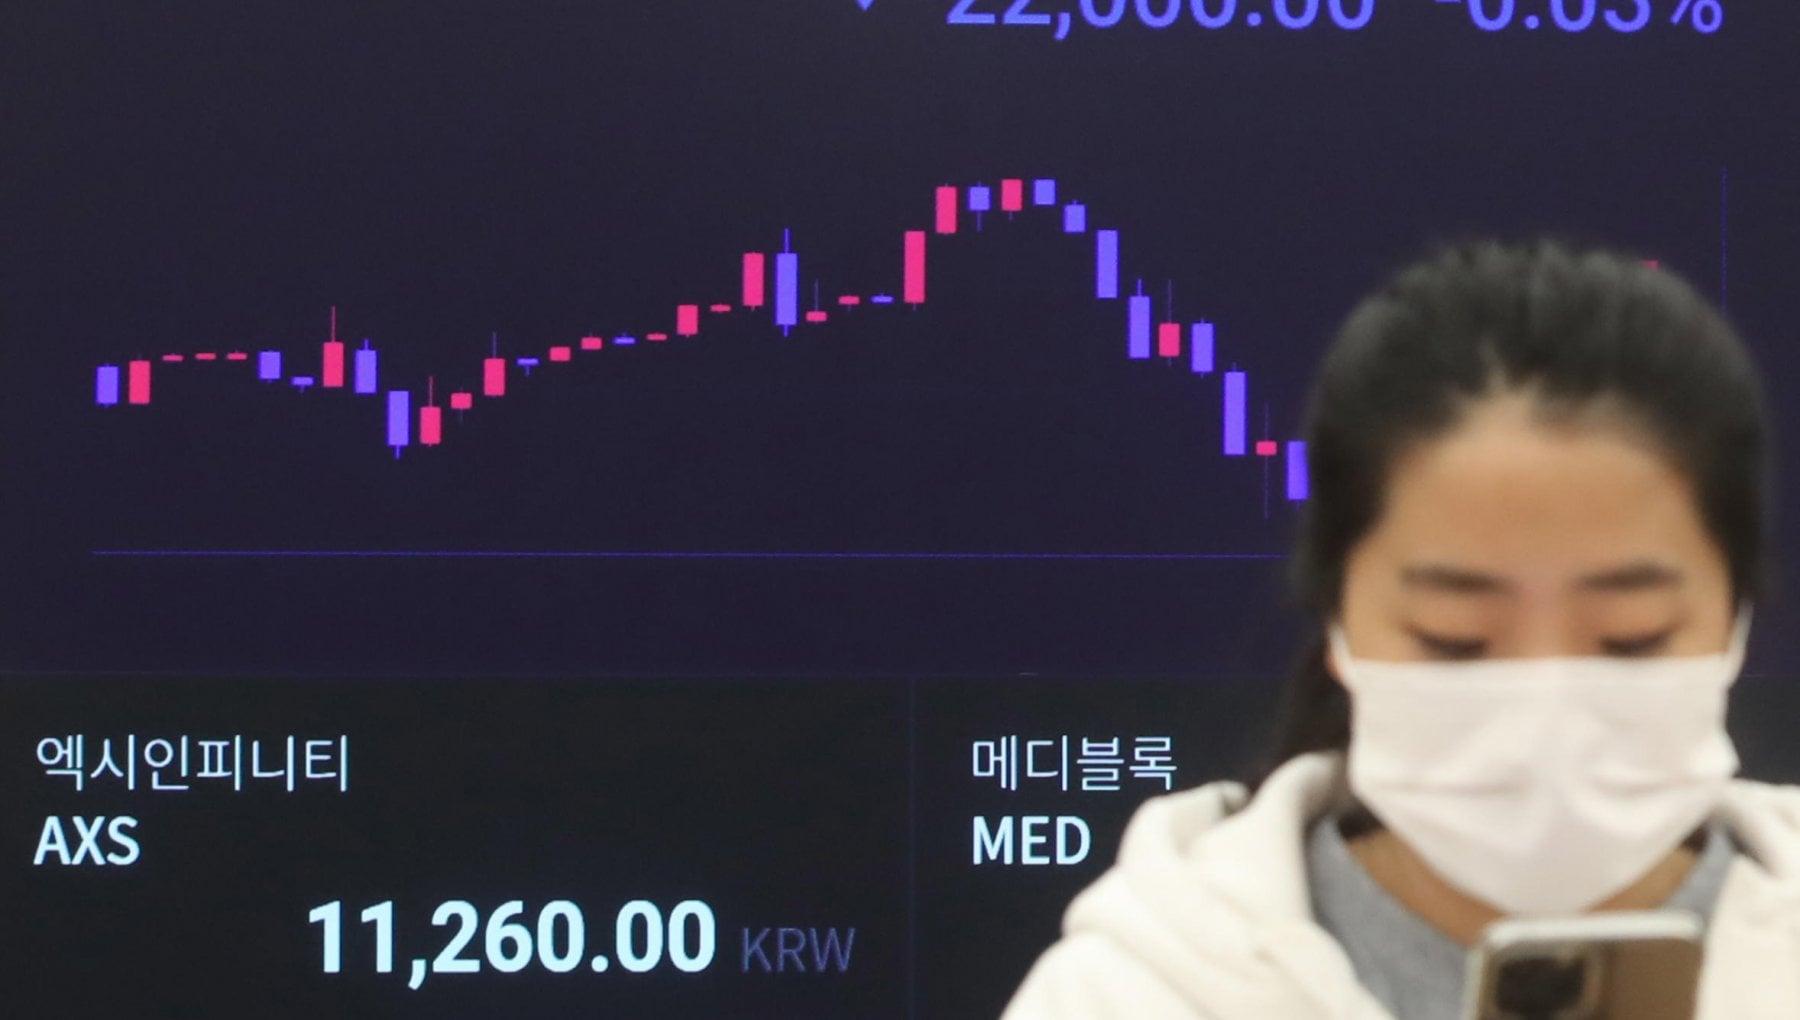 cei mai mari comercianți de energie tranzacționează acum cripto-futures